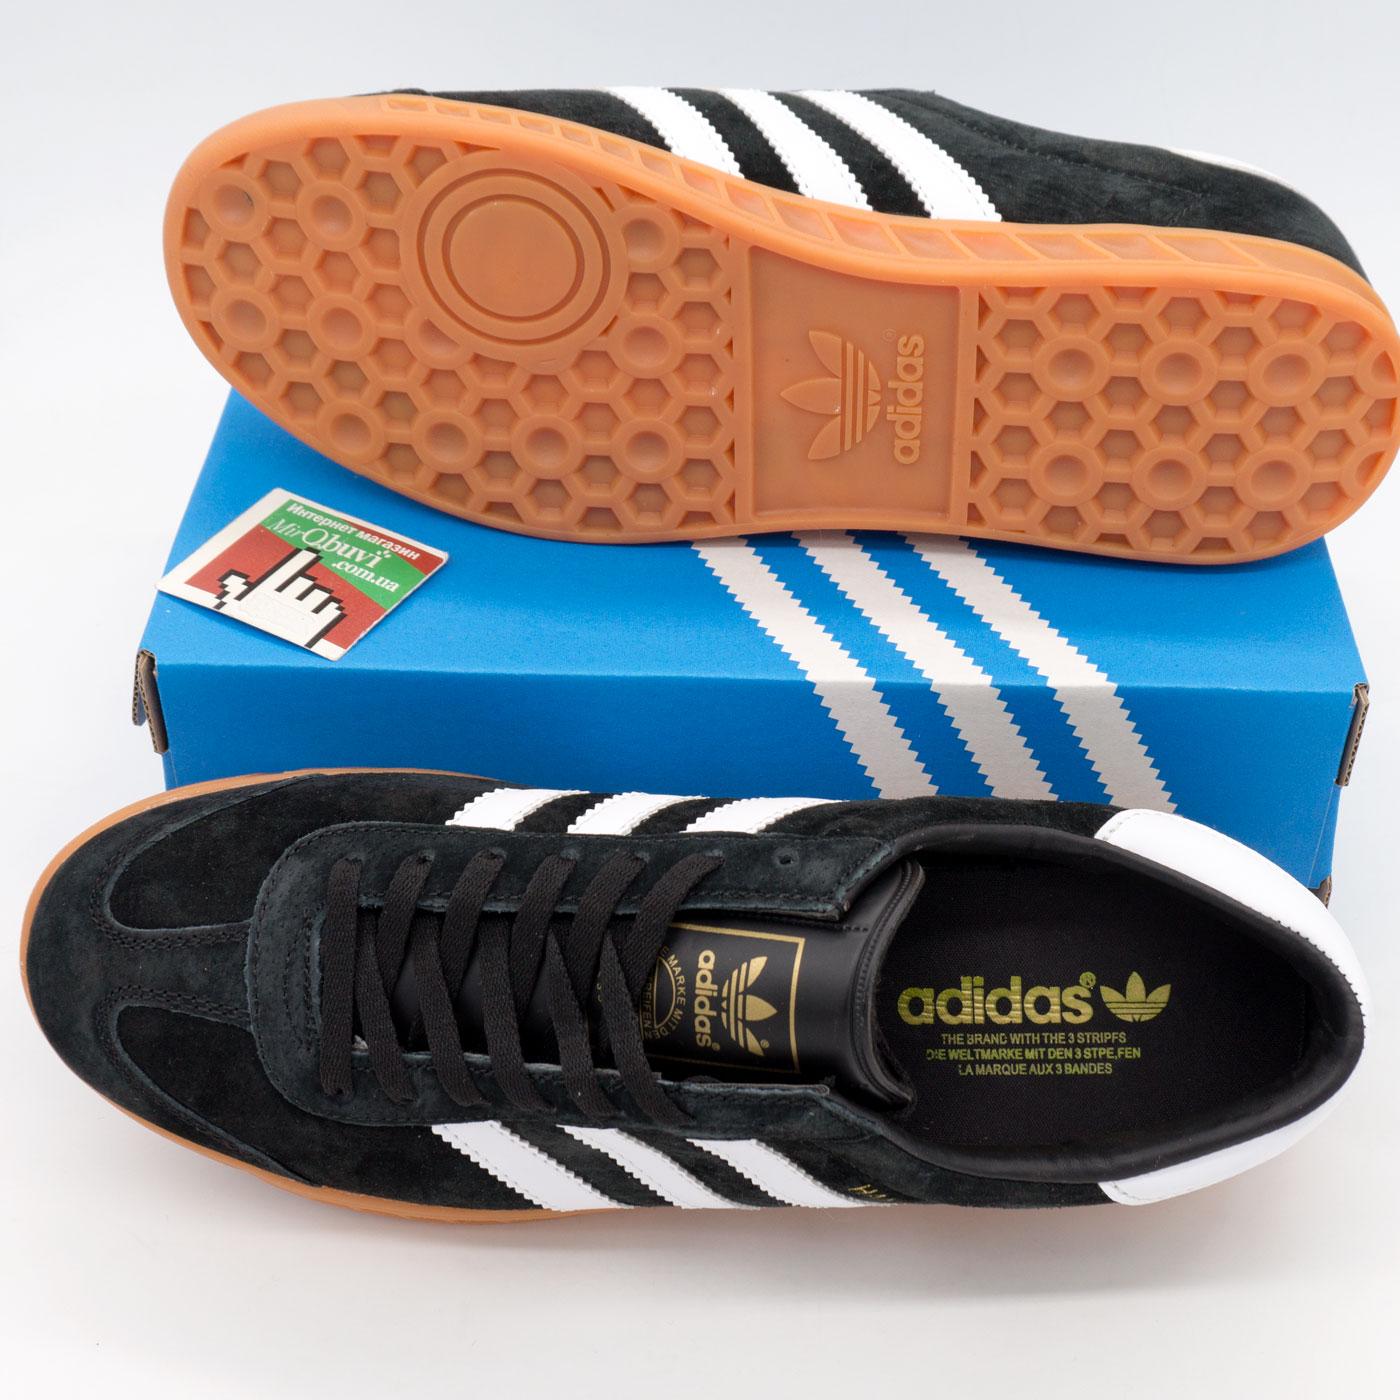 фото bottom Кроссовки Adidas Hamburg черные с рыжей подошвой bottom